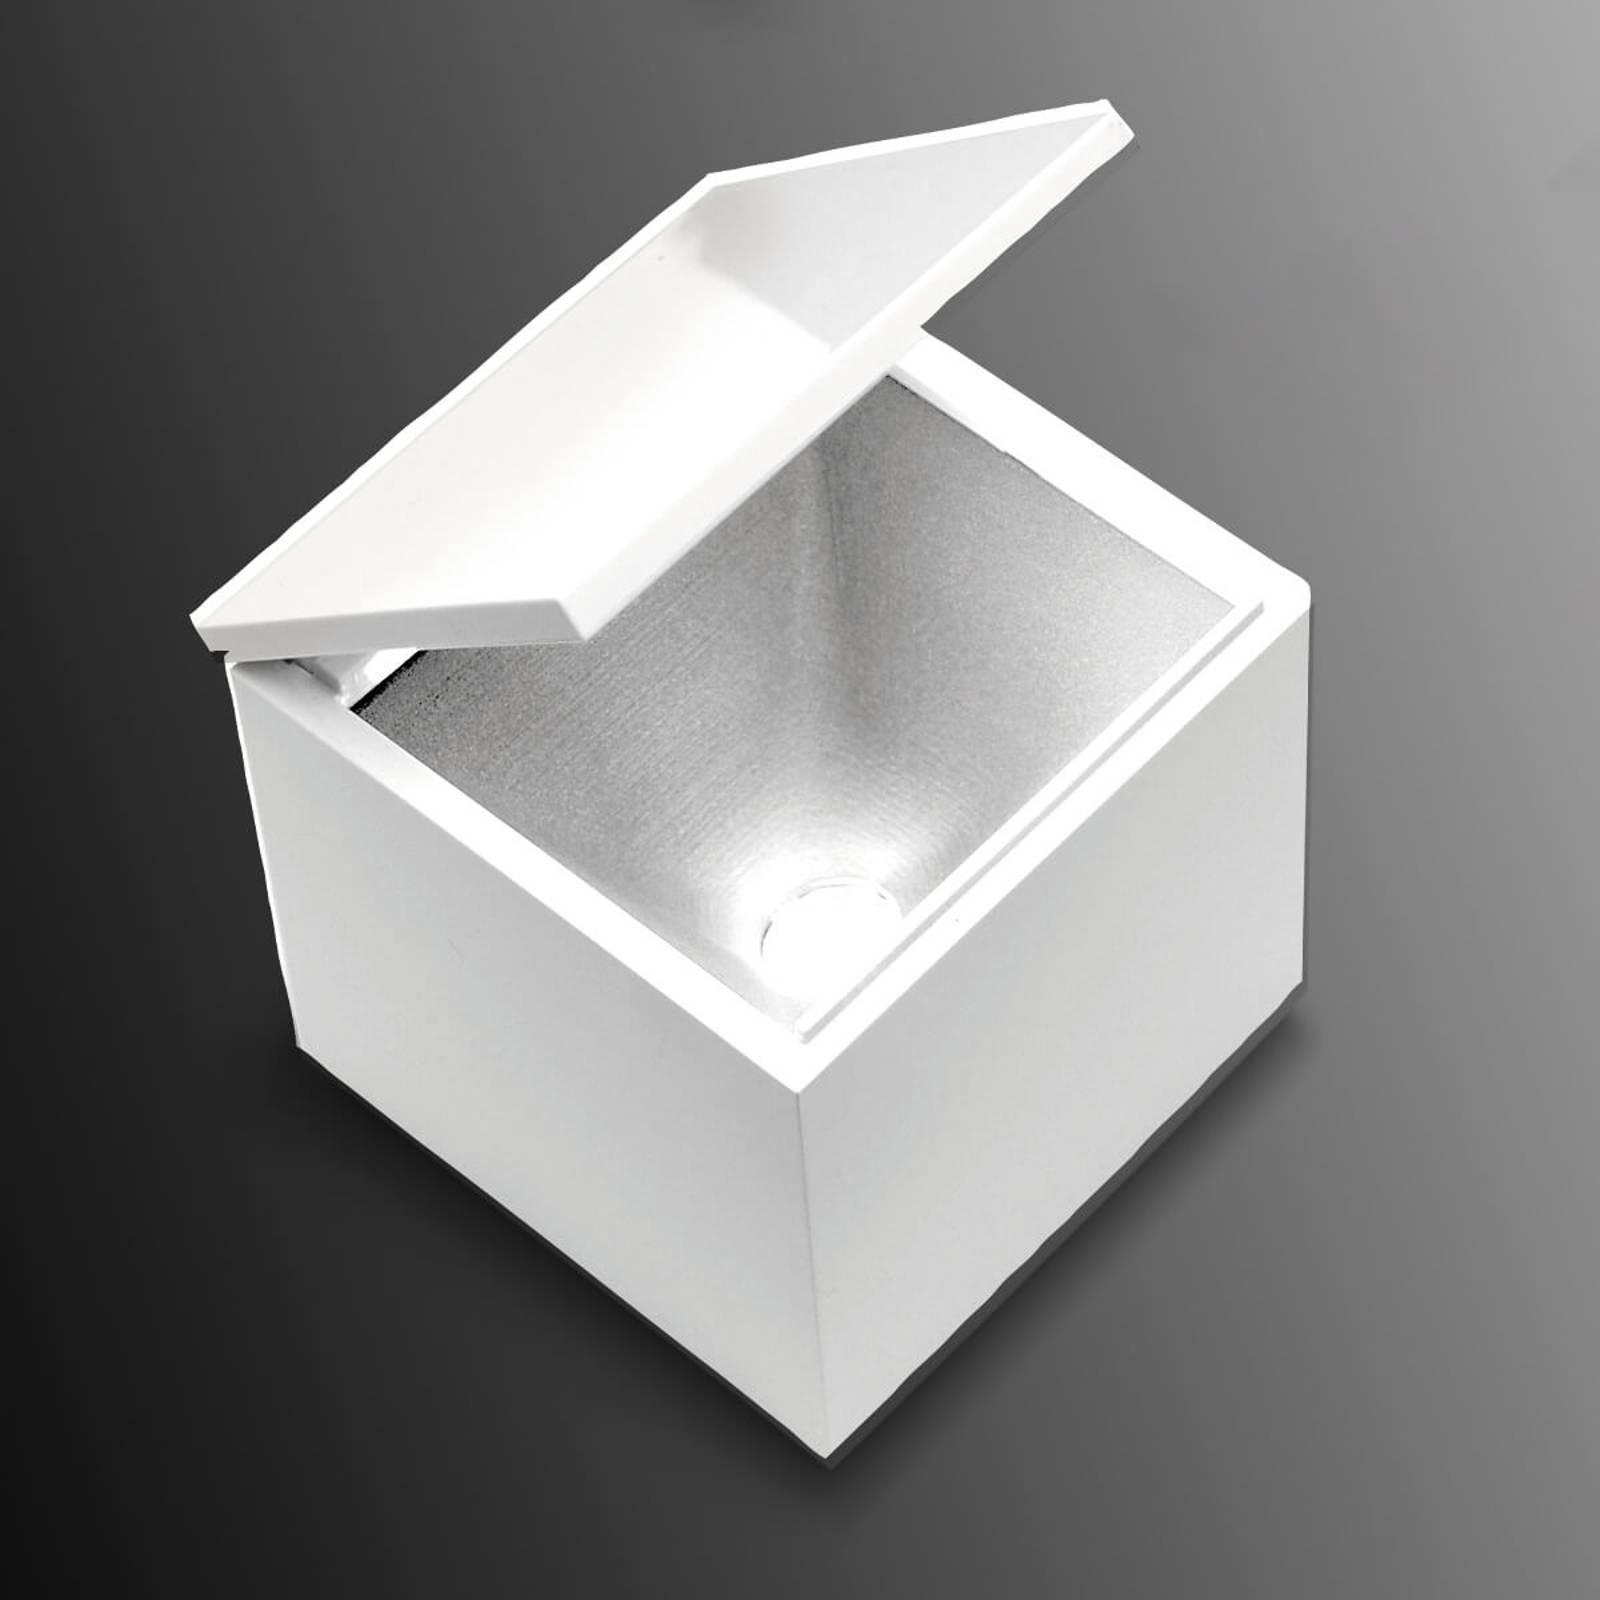 Cini&Nils Cuboled - LED-pöytälamppu, valkoinen